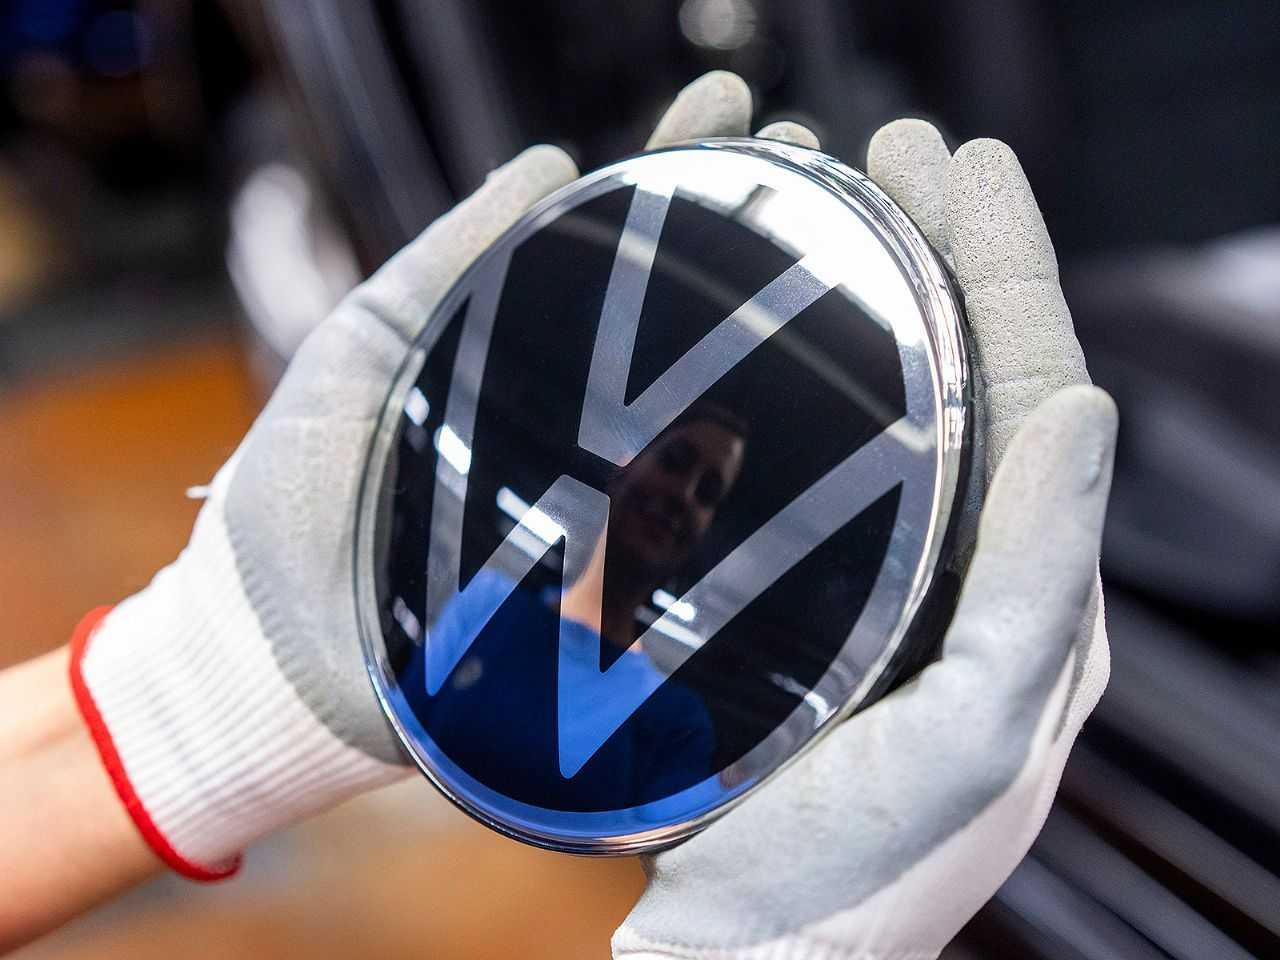 VW: perdas semanais da ordem de bilhões de euros com fábricas paradas